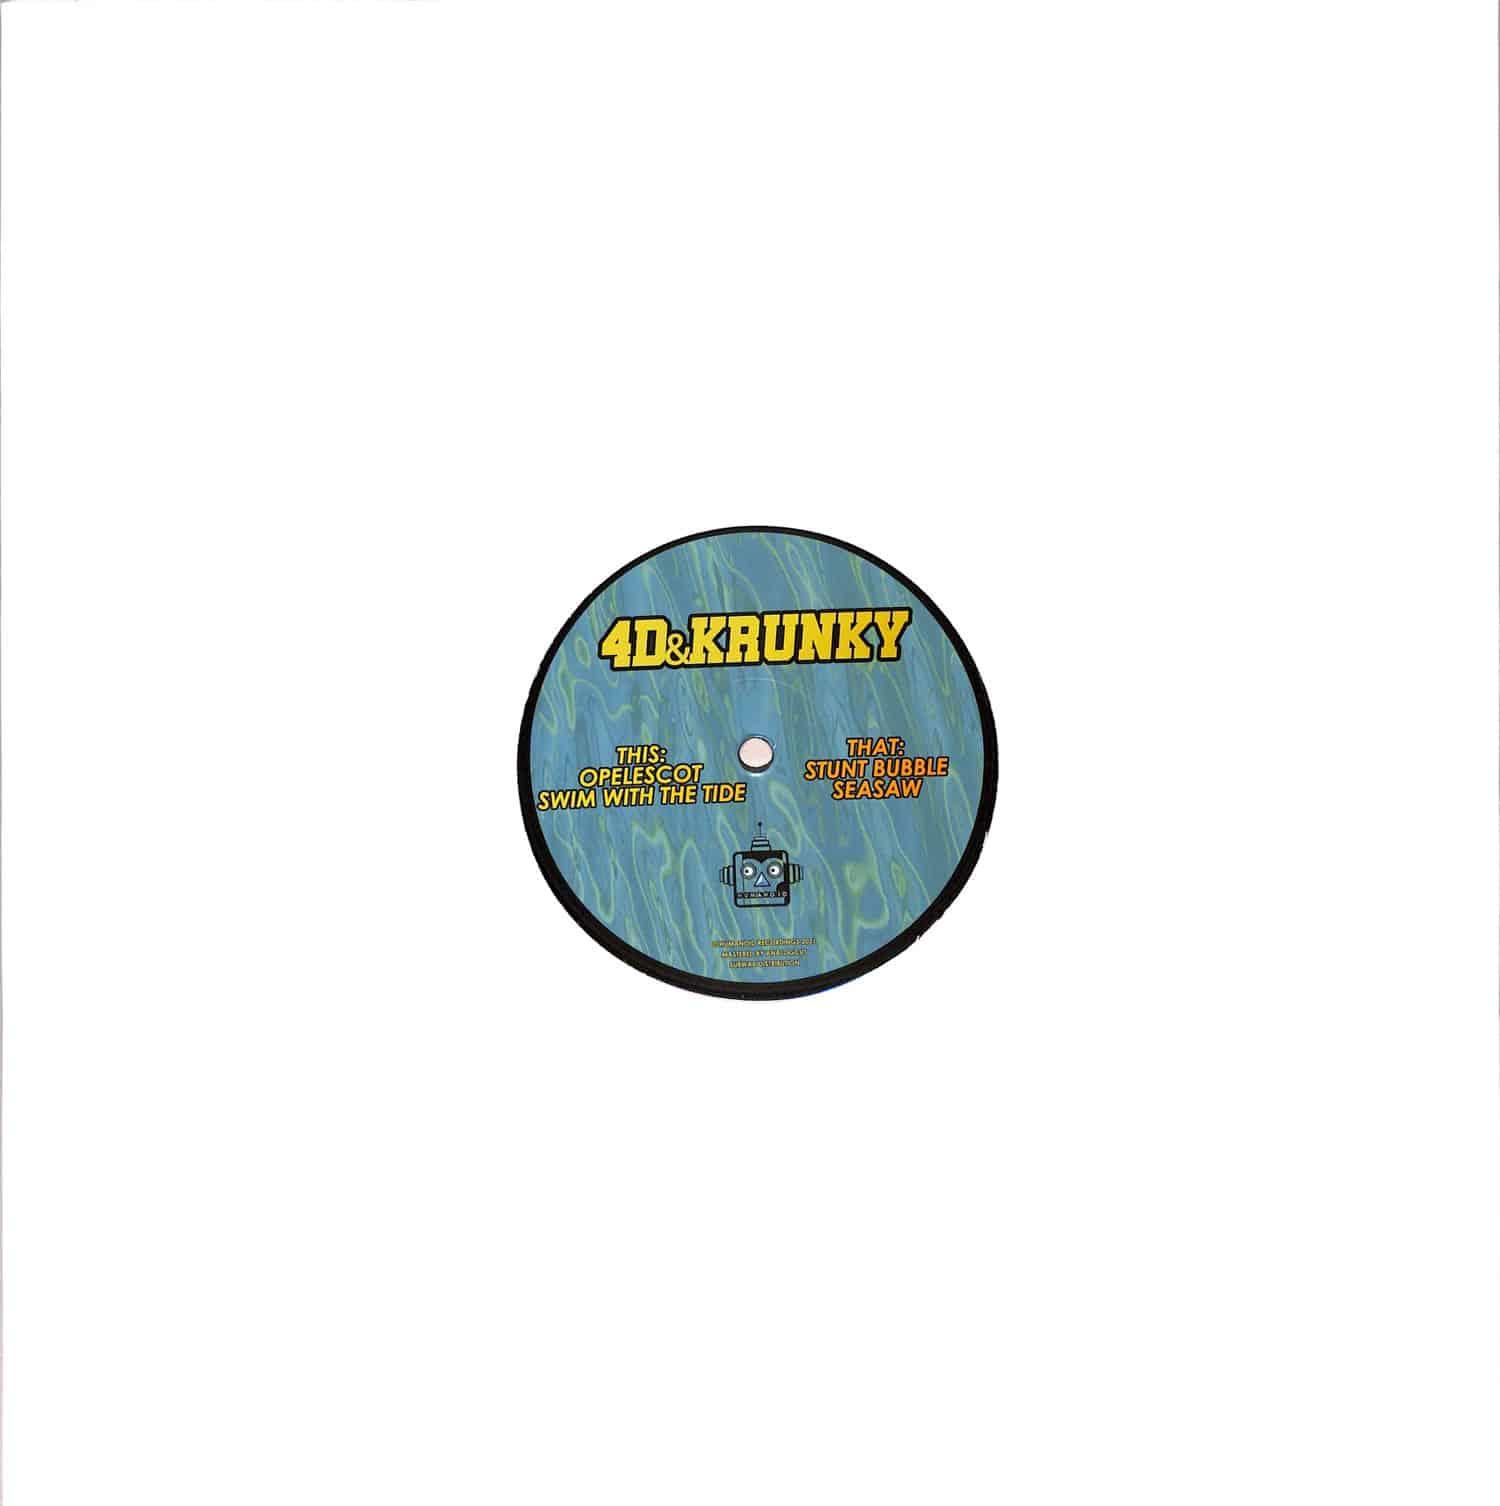 4D & Krunky - HMND001